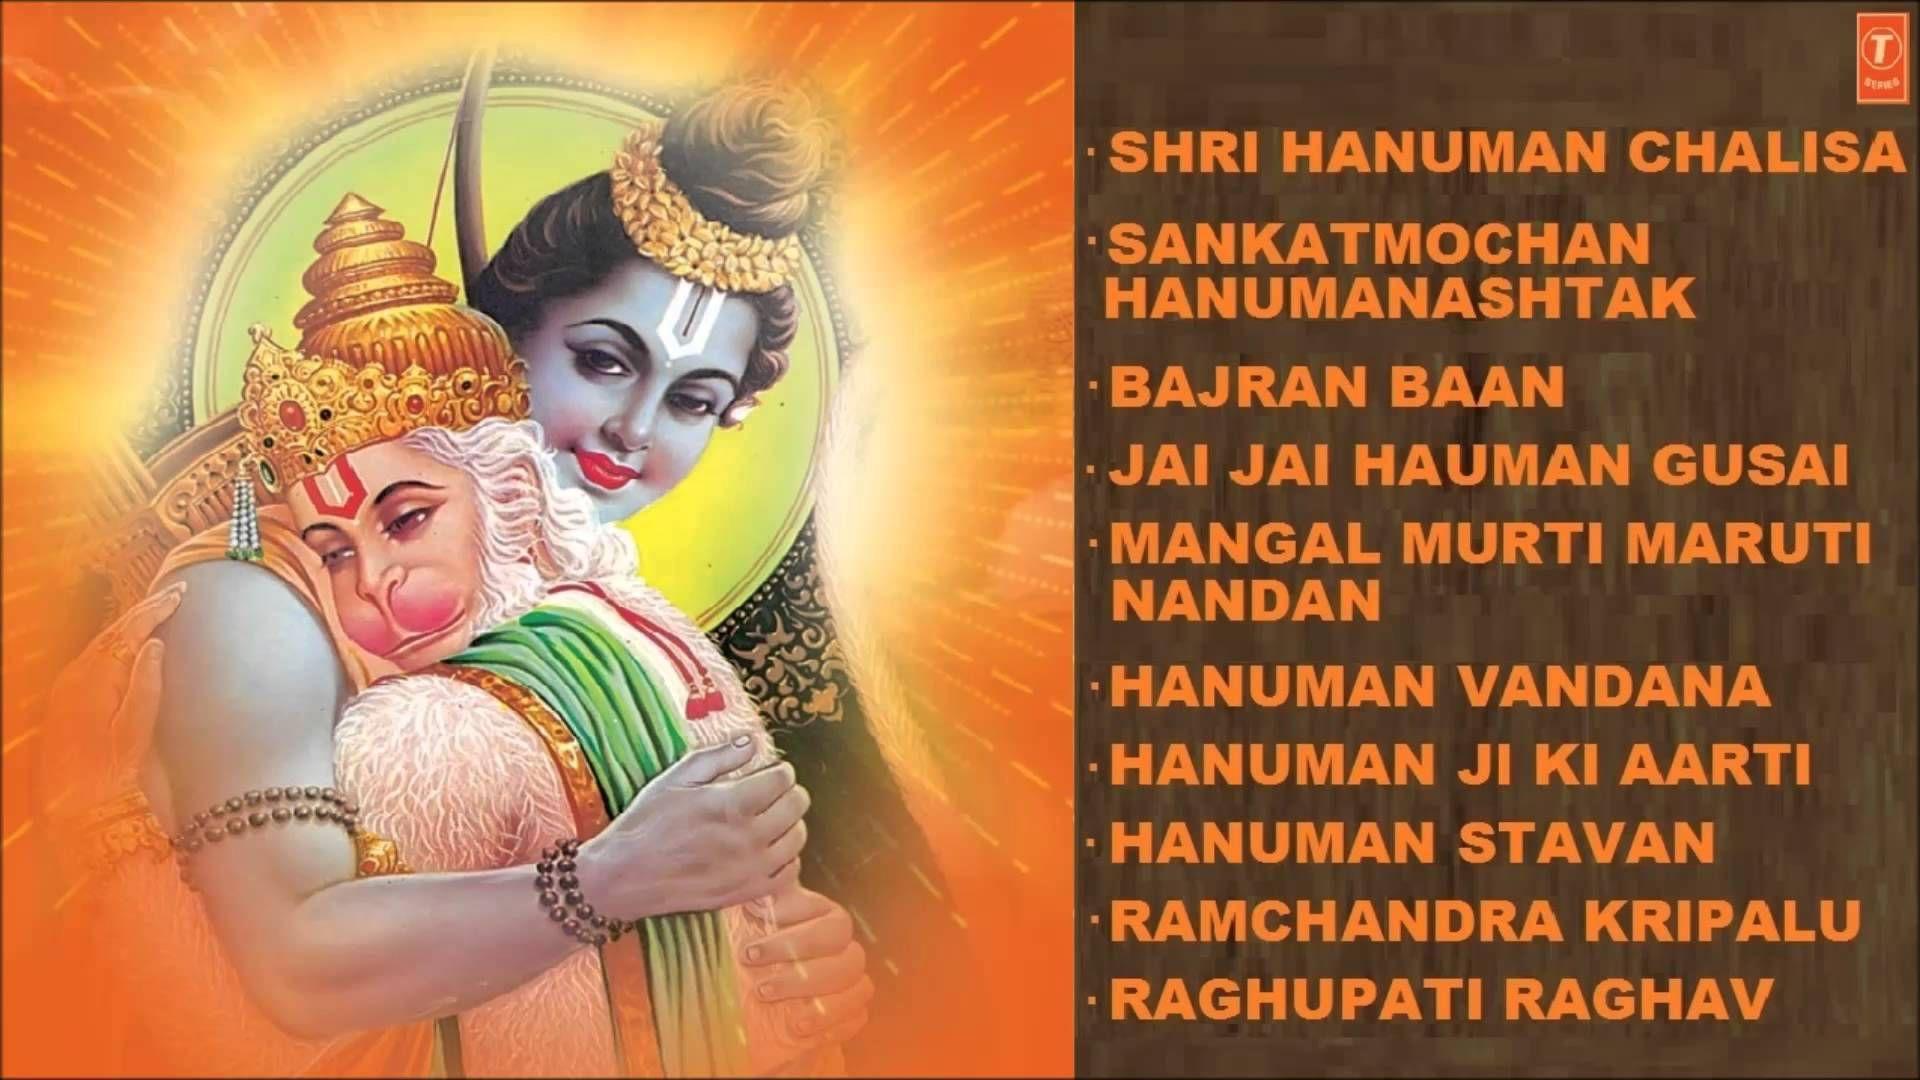 Shri Hanuman Chalisa Bhajans By Hariharan [Full Audio Songs